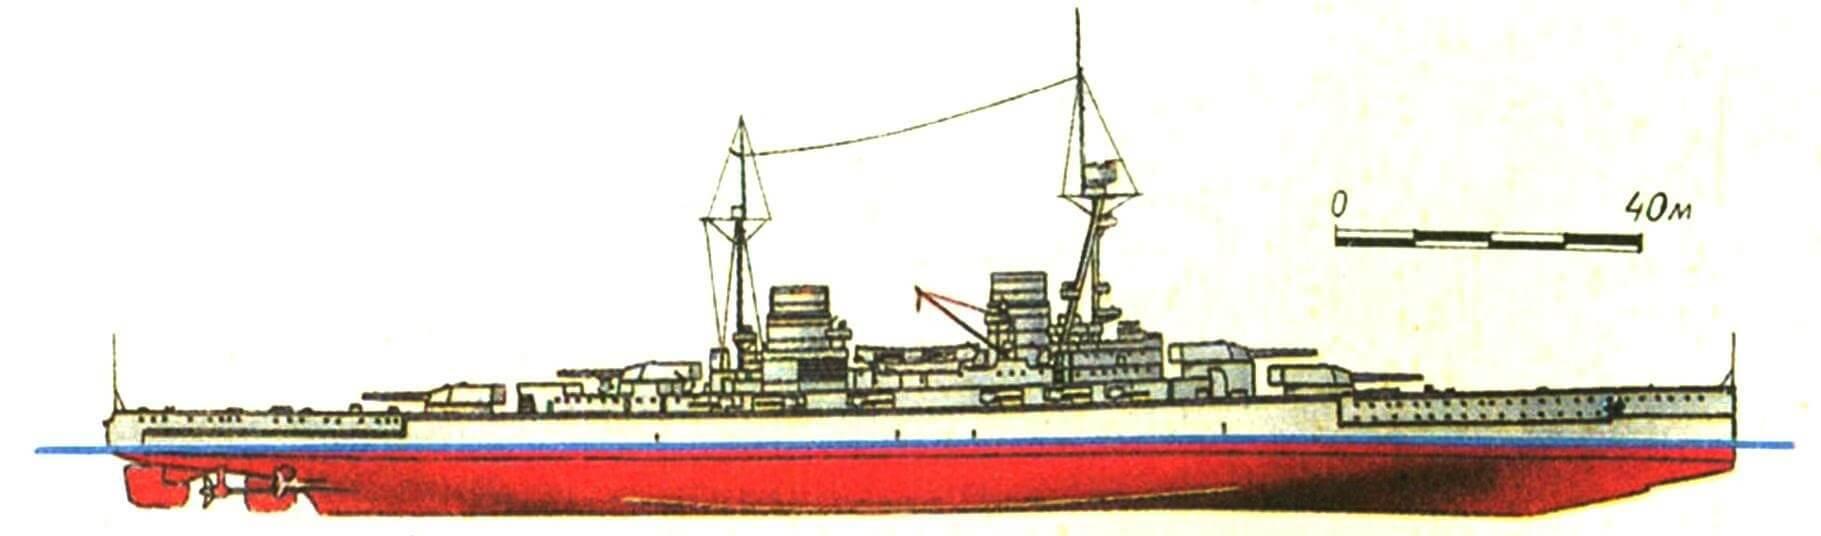 182.Линейный крейсер «ДЕРФЛИН-ГЕР», Германия, 1914 г. Заложен в 1912 г., спущен на воду в 1913 г. Водоизмещение нормальное 26 180 т, полное 30 700 т. Длина наибольшая 210,4 м, ширина 29 м, осадка 9,5 м. Мощность турбин 63 000 л.с. скорость 26,5 уз. Броня: пояс 300—100 мм, траверзы 250—80 мм, рубка 350—80 мм, палуба 80—50 мм. Вооружение: восемь 305-мм и двенадцать 150-мм орудий,четыре 88-мм пушки, 4 торпедных аппарата. Всего построено 3 единицы: «Дерфлингер», «Лютцов» (1915 г.) и «Гинденбург» (1917 г.). Последние два корабля несли по четырнадцать 150-мм орудий. «Гинденбург» имел наибольшую длину 212,8 м, полное водоизмещение 31 000 т, проектную мощность 72 000 л.с. и скорость 27 уз. (на испытаниях развил 26,6 уз.).